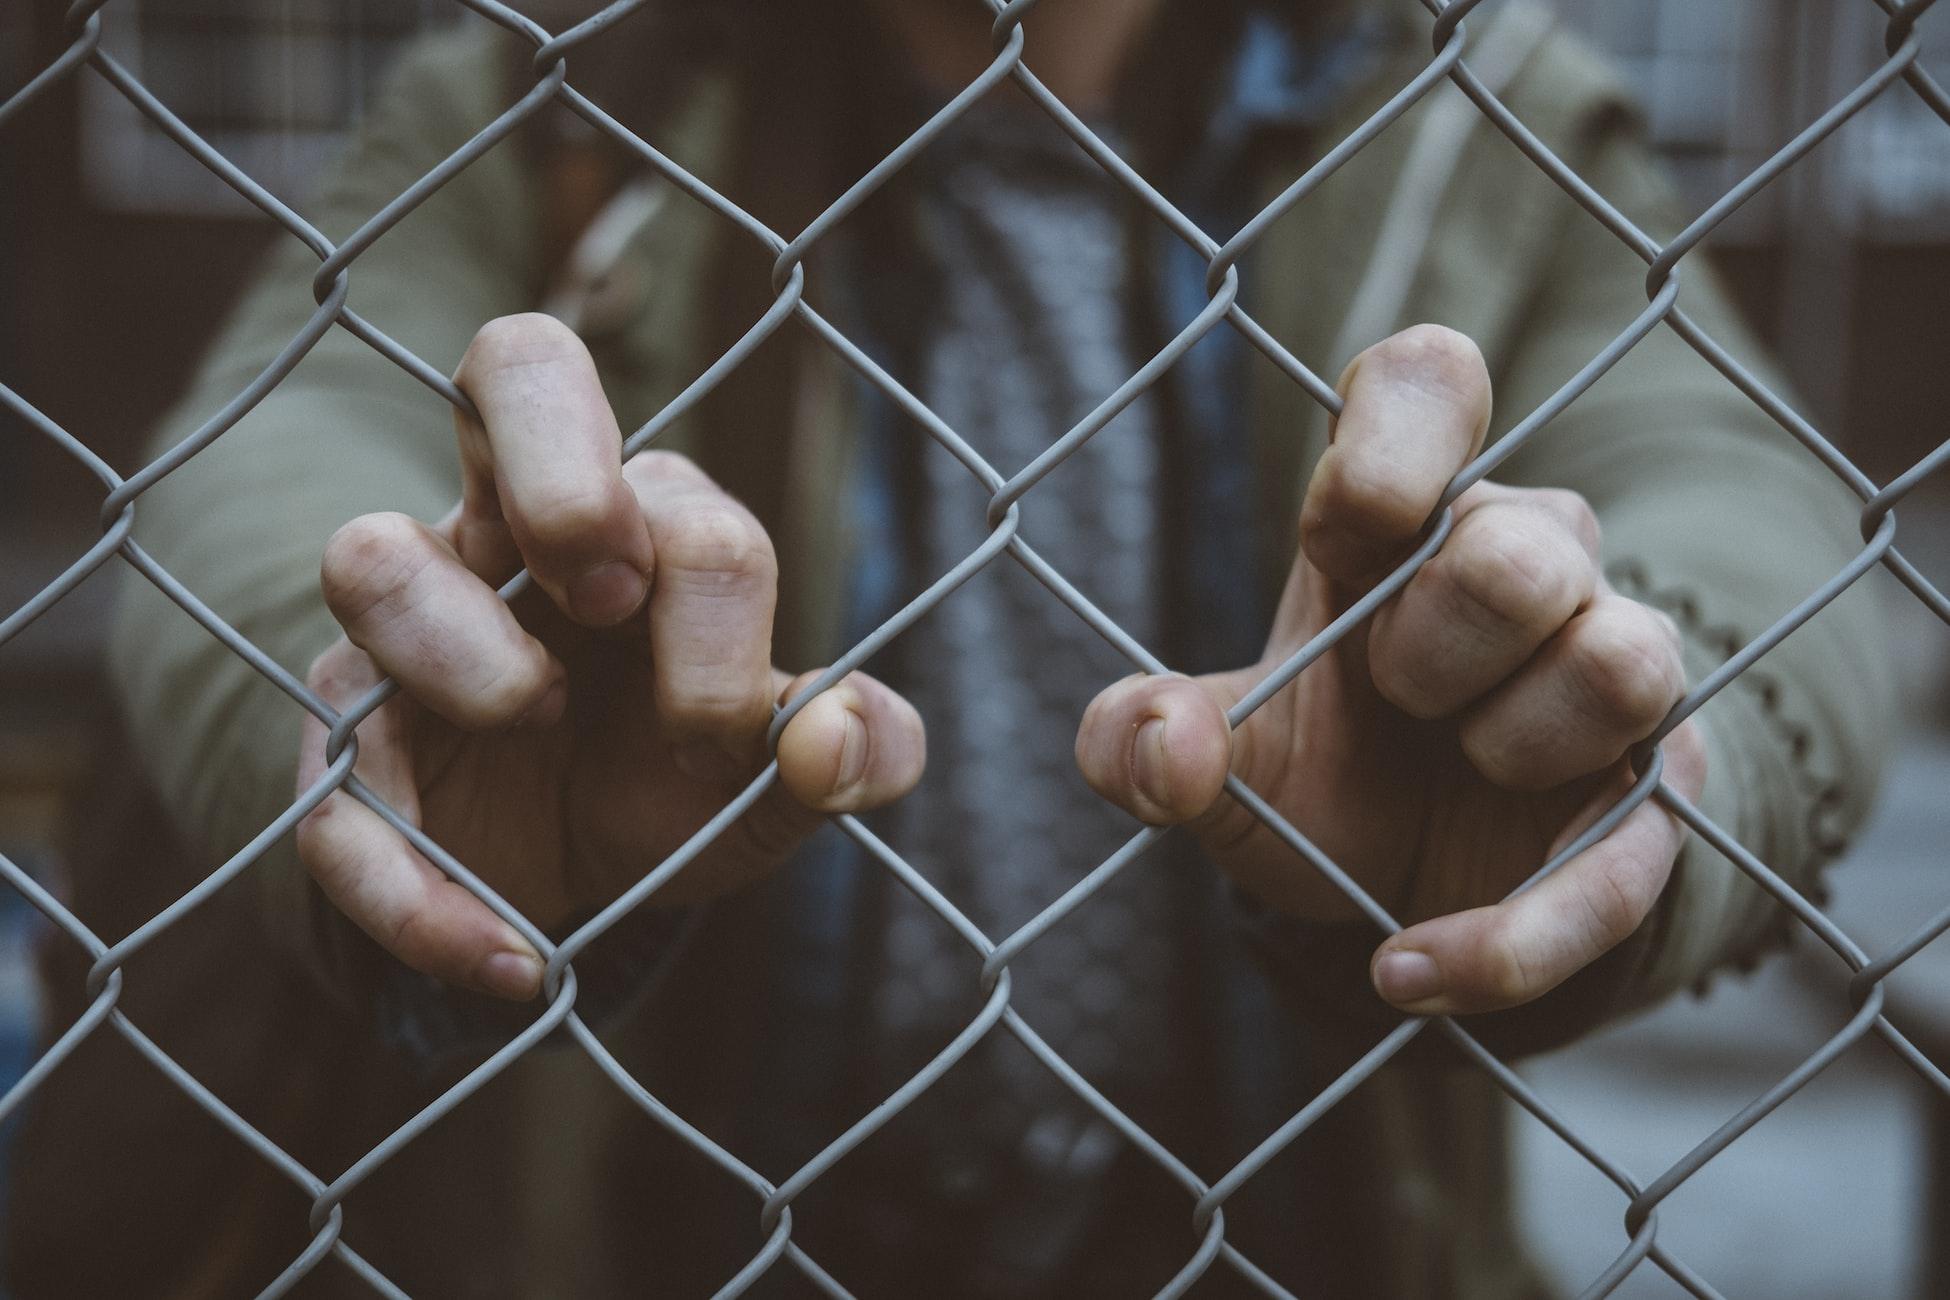 Člověk držící se drátěného plotu, zřejmě uvězněný. Podobný pocit jako autistický shutdown.